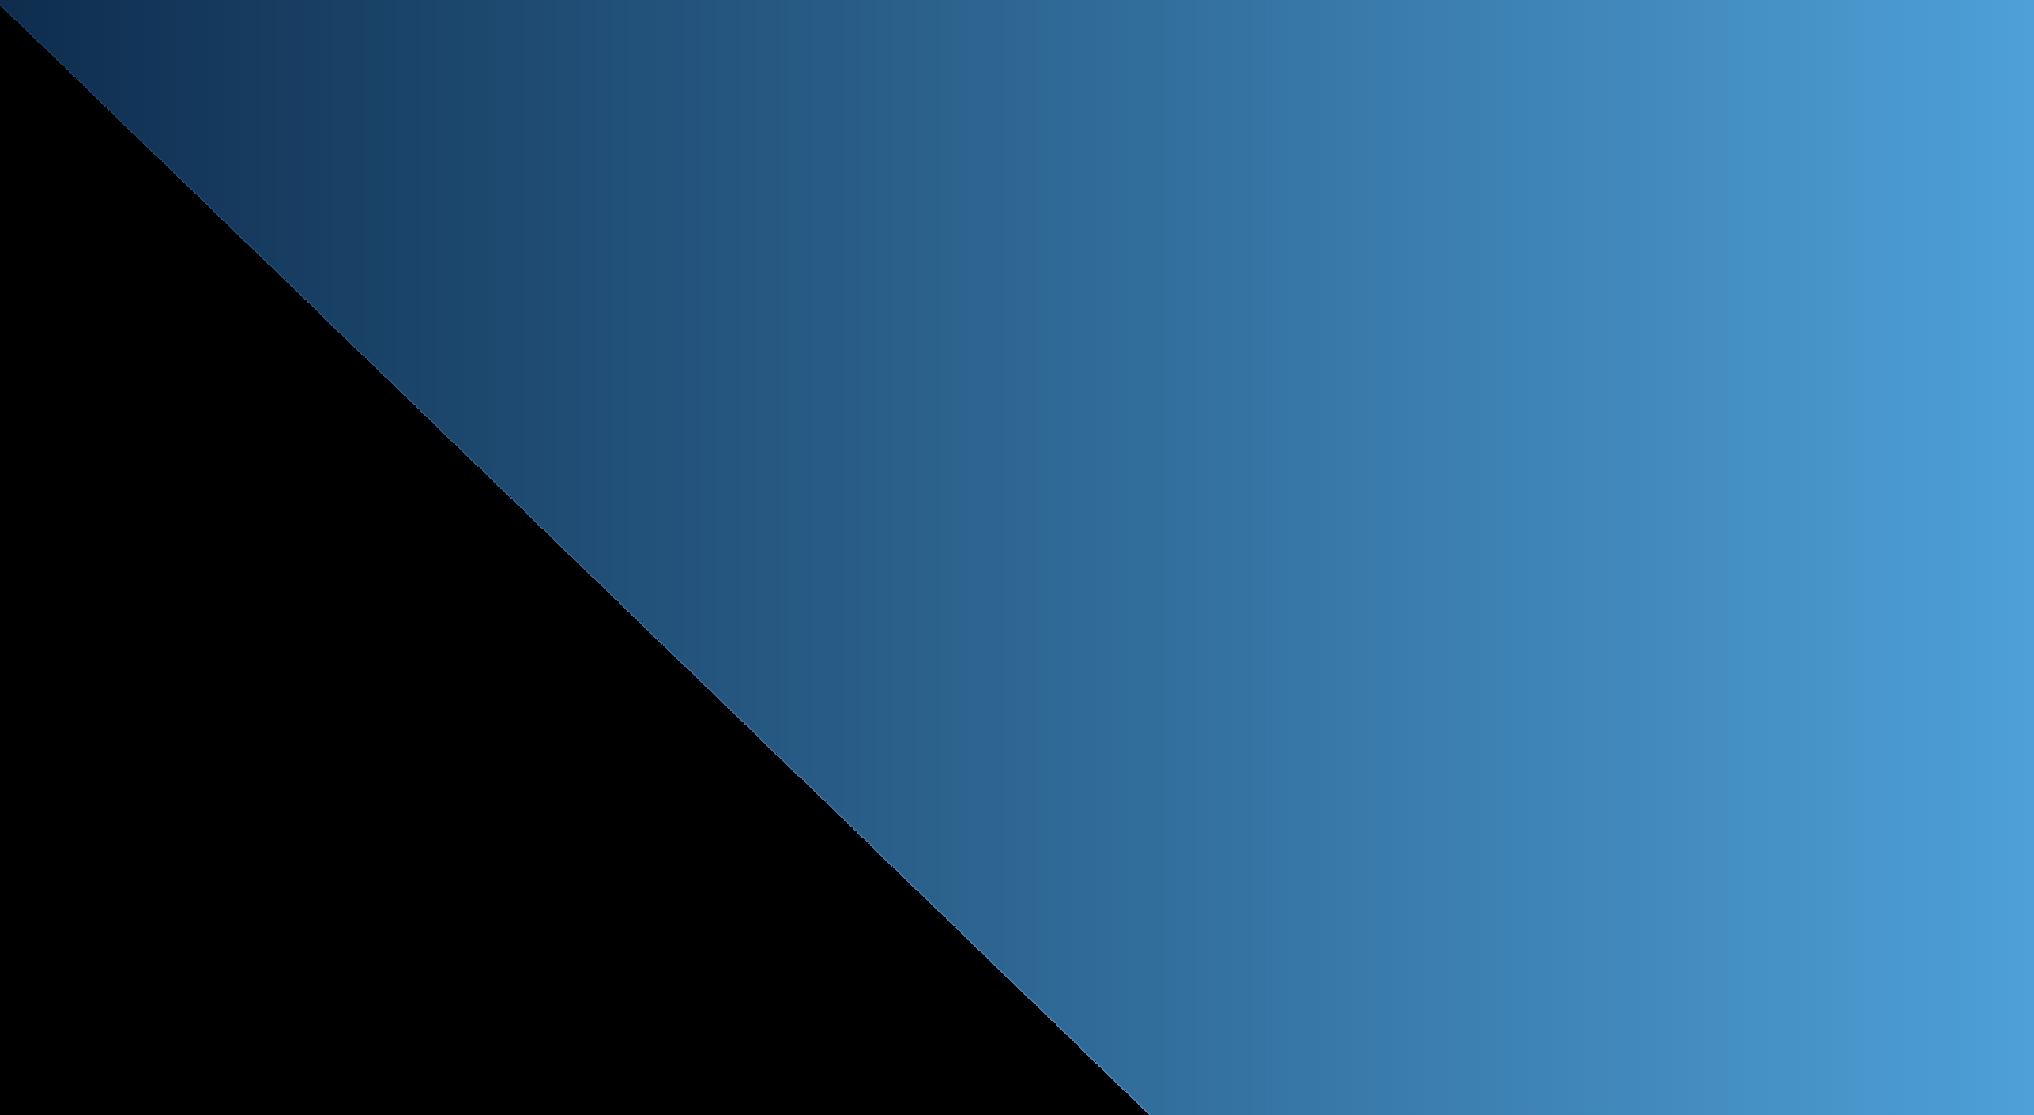 Blue gradient-01.png